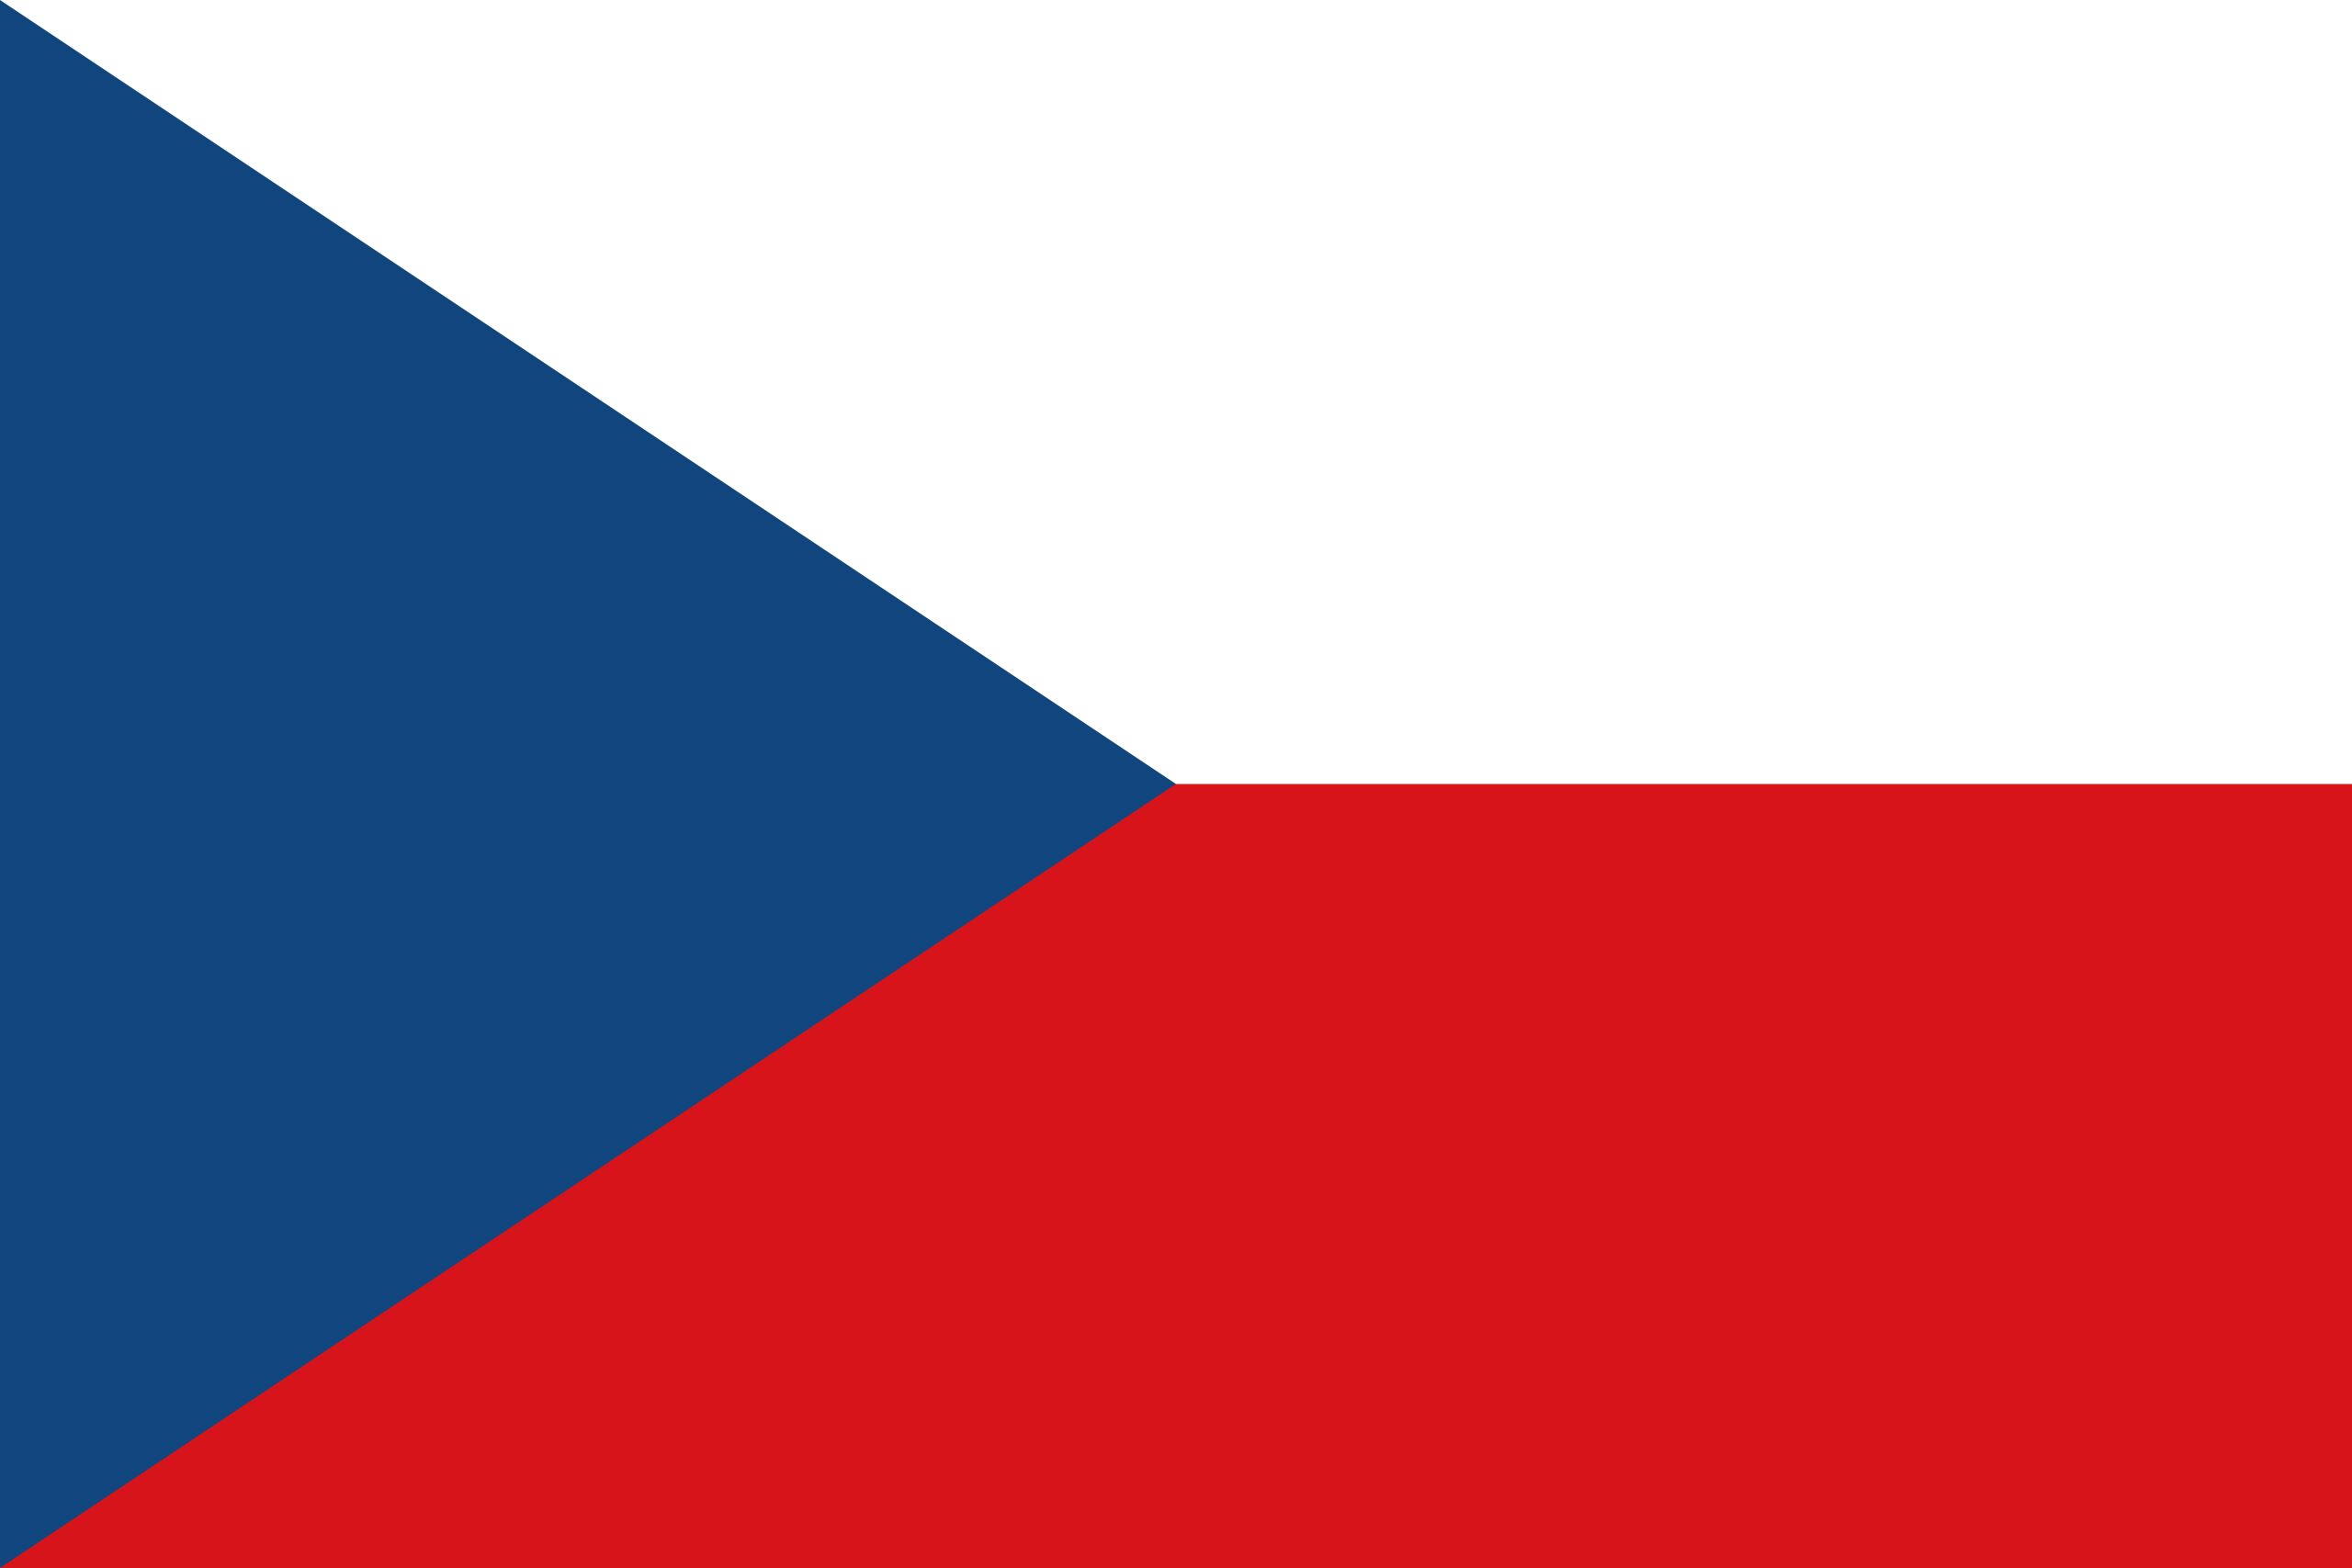 Flag of Czech Republic